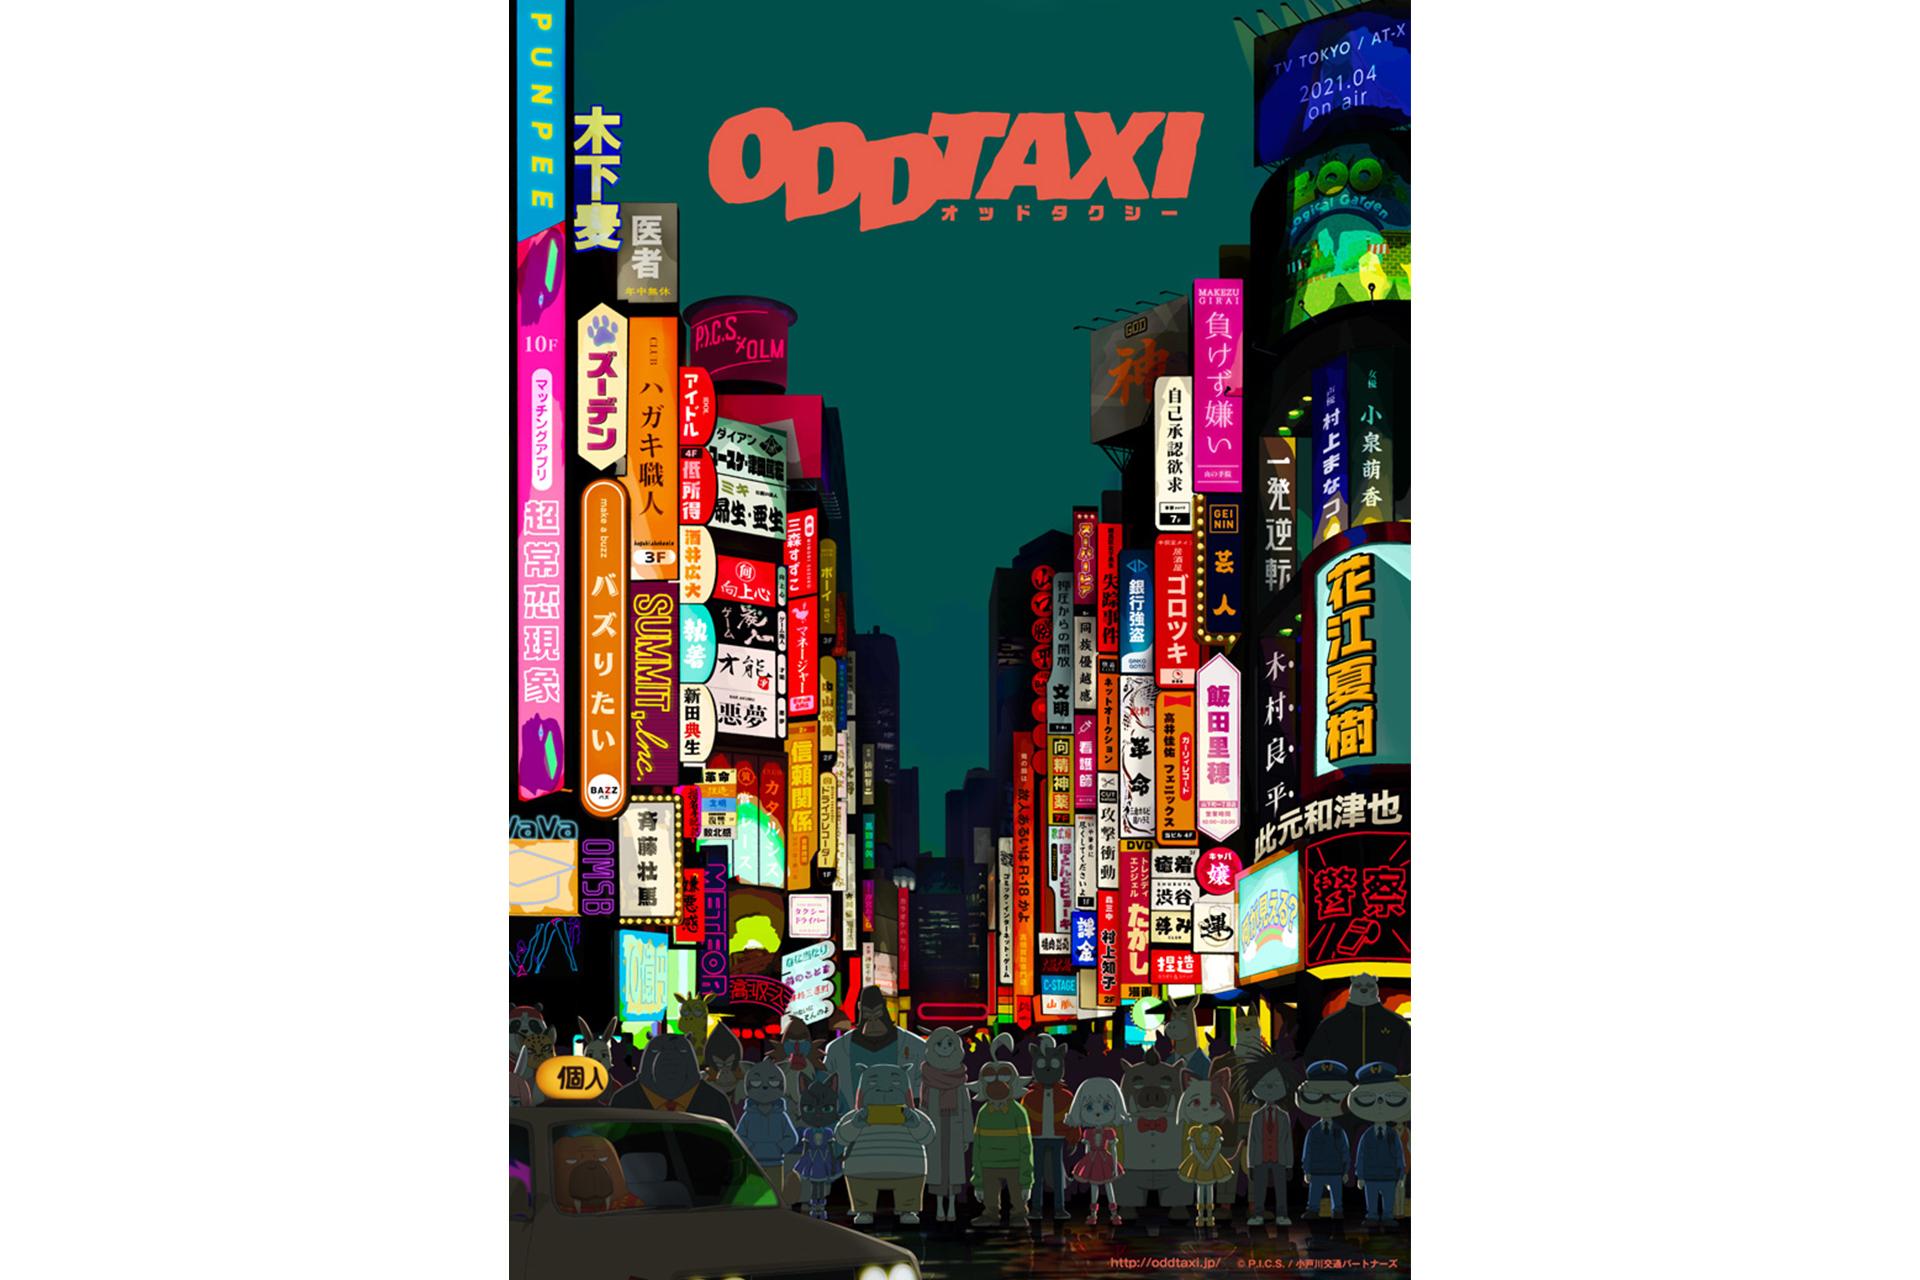 花江夏樹主演、PUNPEE、OMSB、VaVaが劇伴を担当するアニメ『オッドタクシー』が4月放送